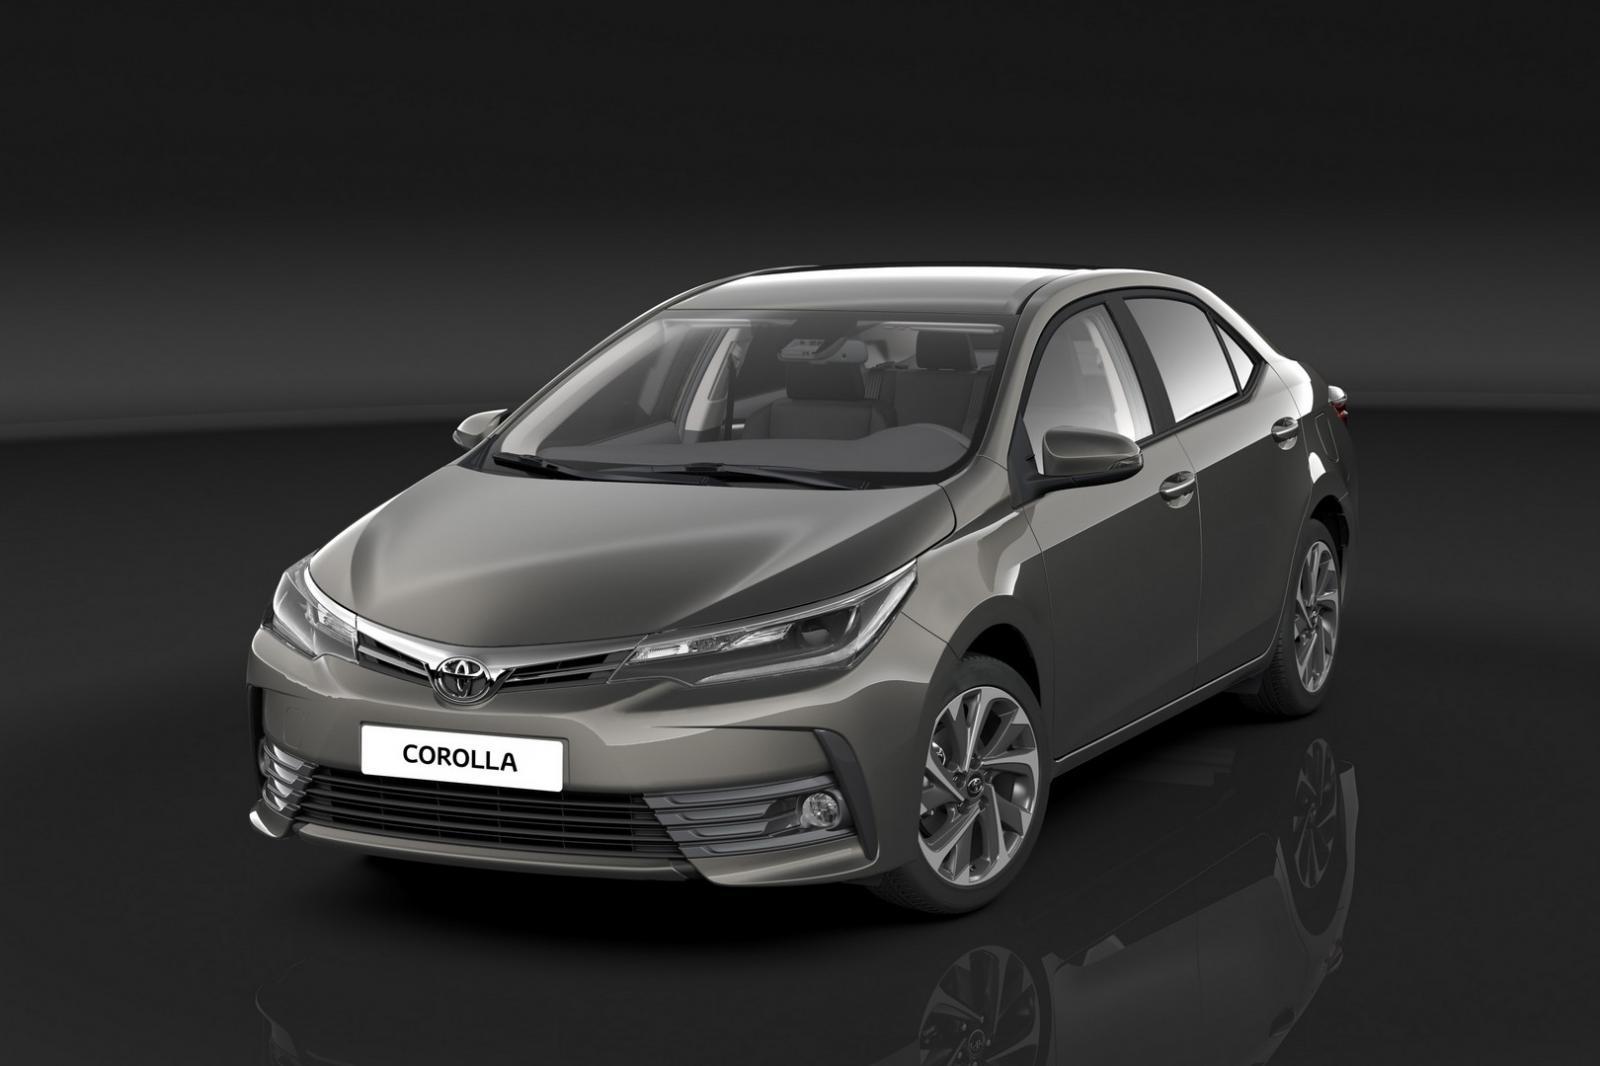 2016 Toyota Corolla Facelift For European Market Revealed